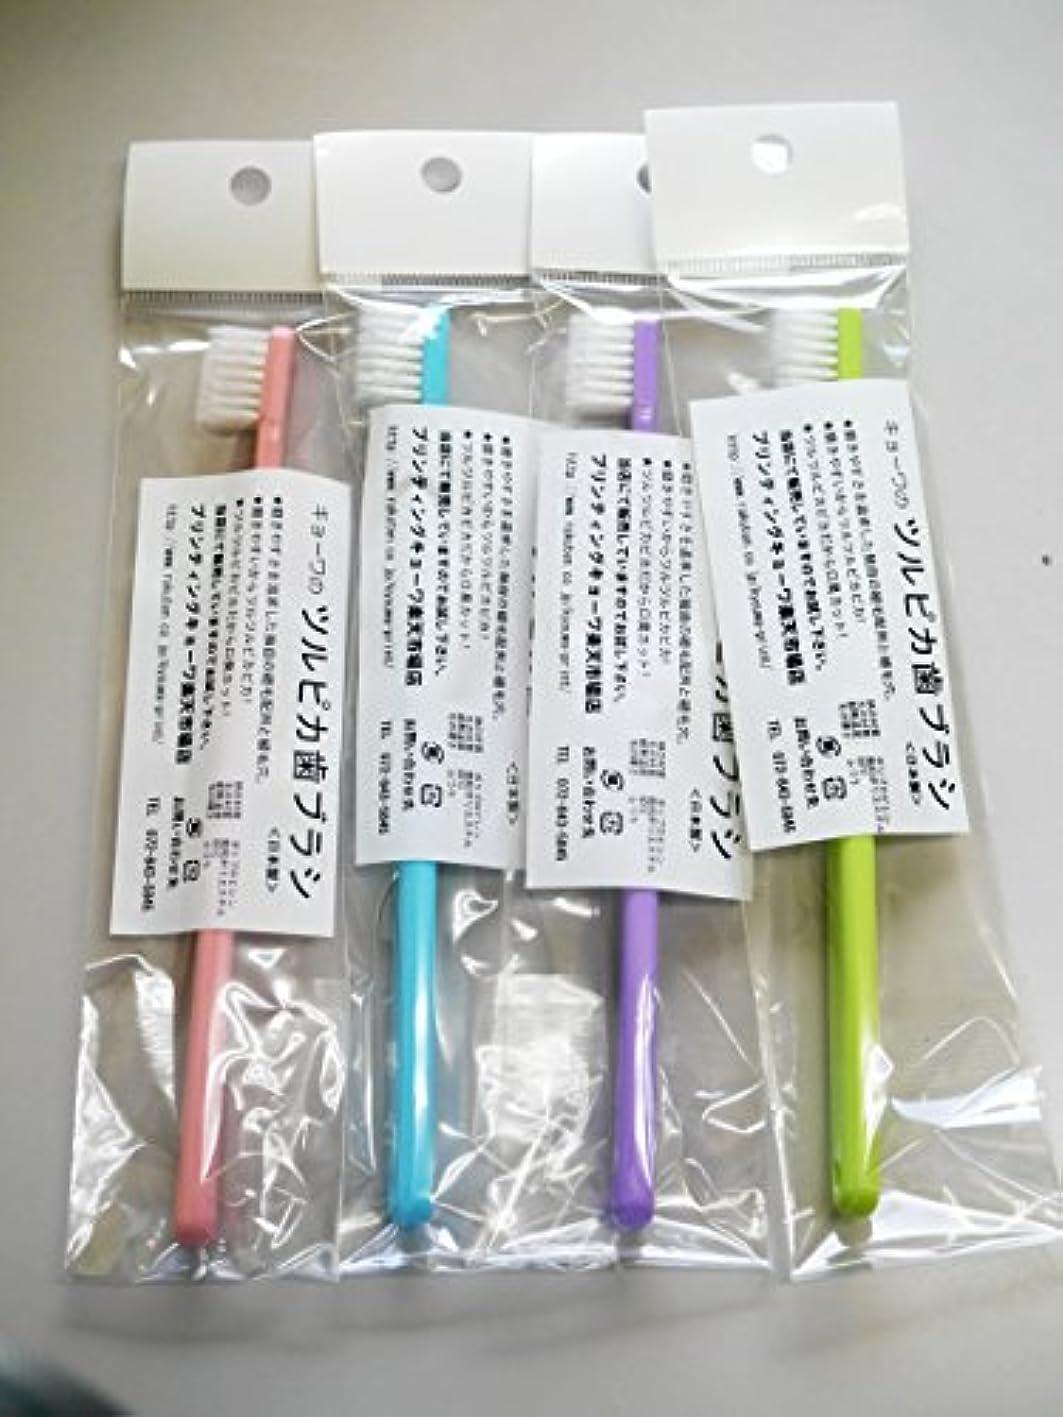 画面私達精査する【株式会社キョーワ】 日本製 キョーワのツルピカ歯ブラシ4本セット (4色×1本)